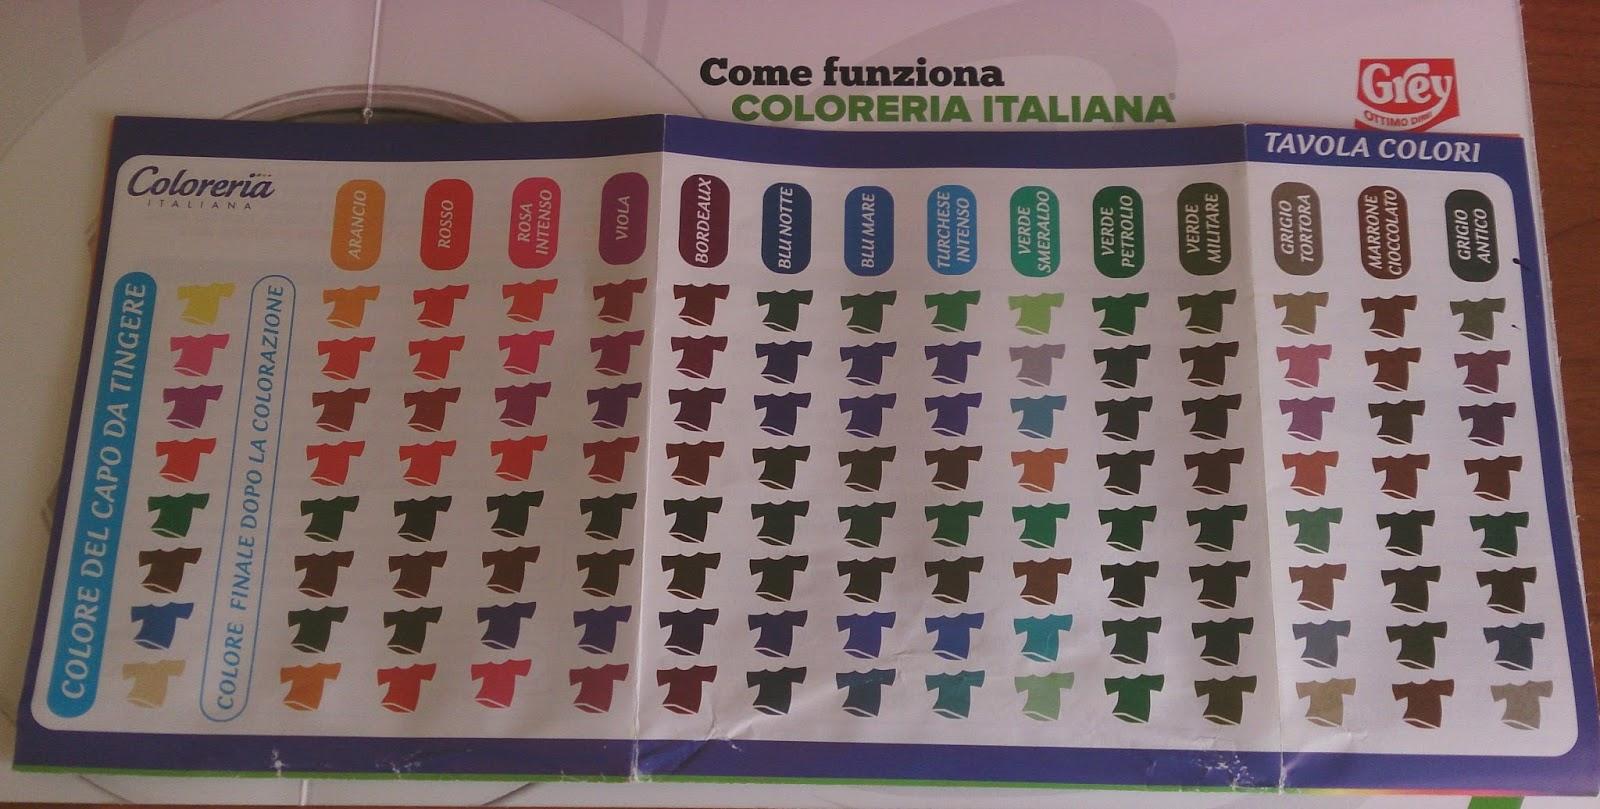 Tabella colori coloreria italiana